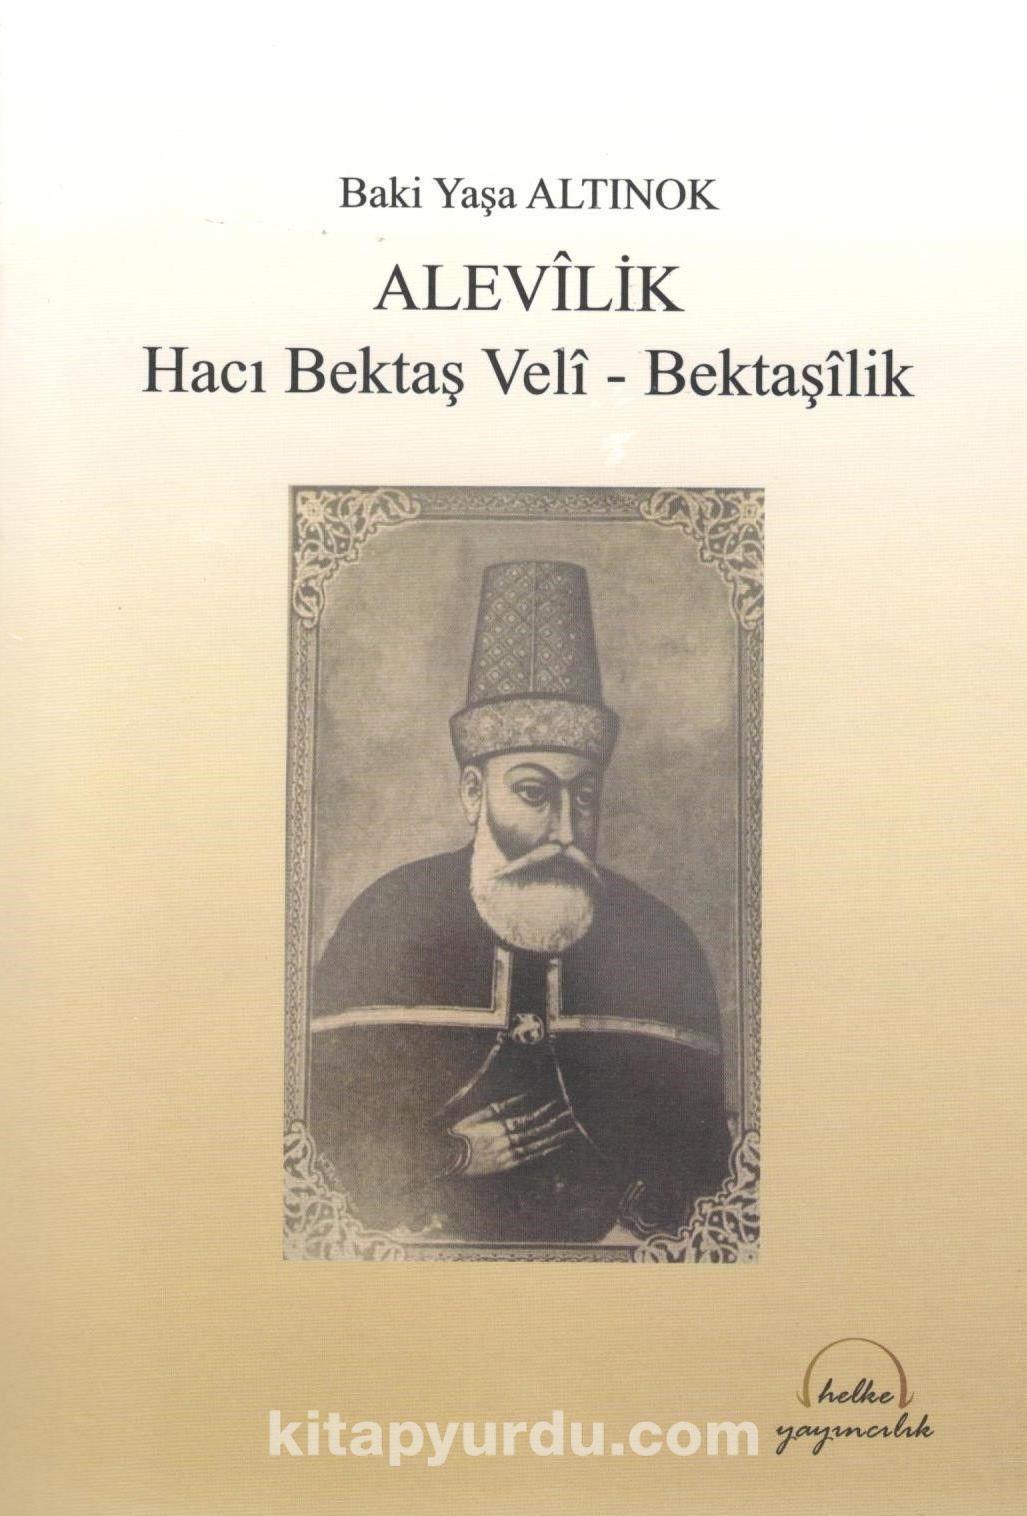 AlevilikHacı Bektaş-ı Veli Bektaşilik - Baki Yaşa Altınok pdf epub